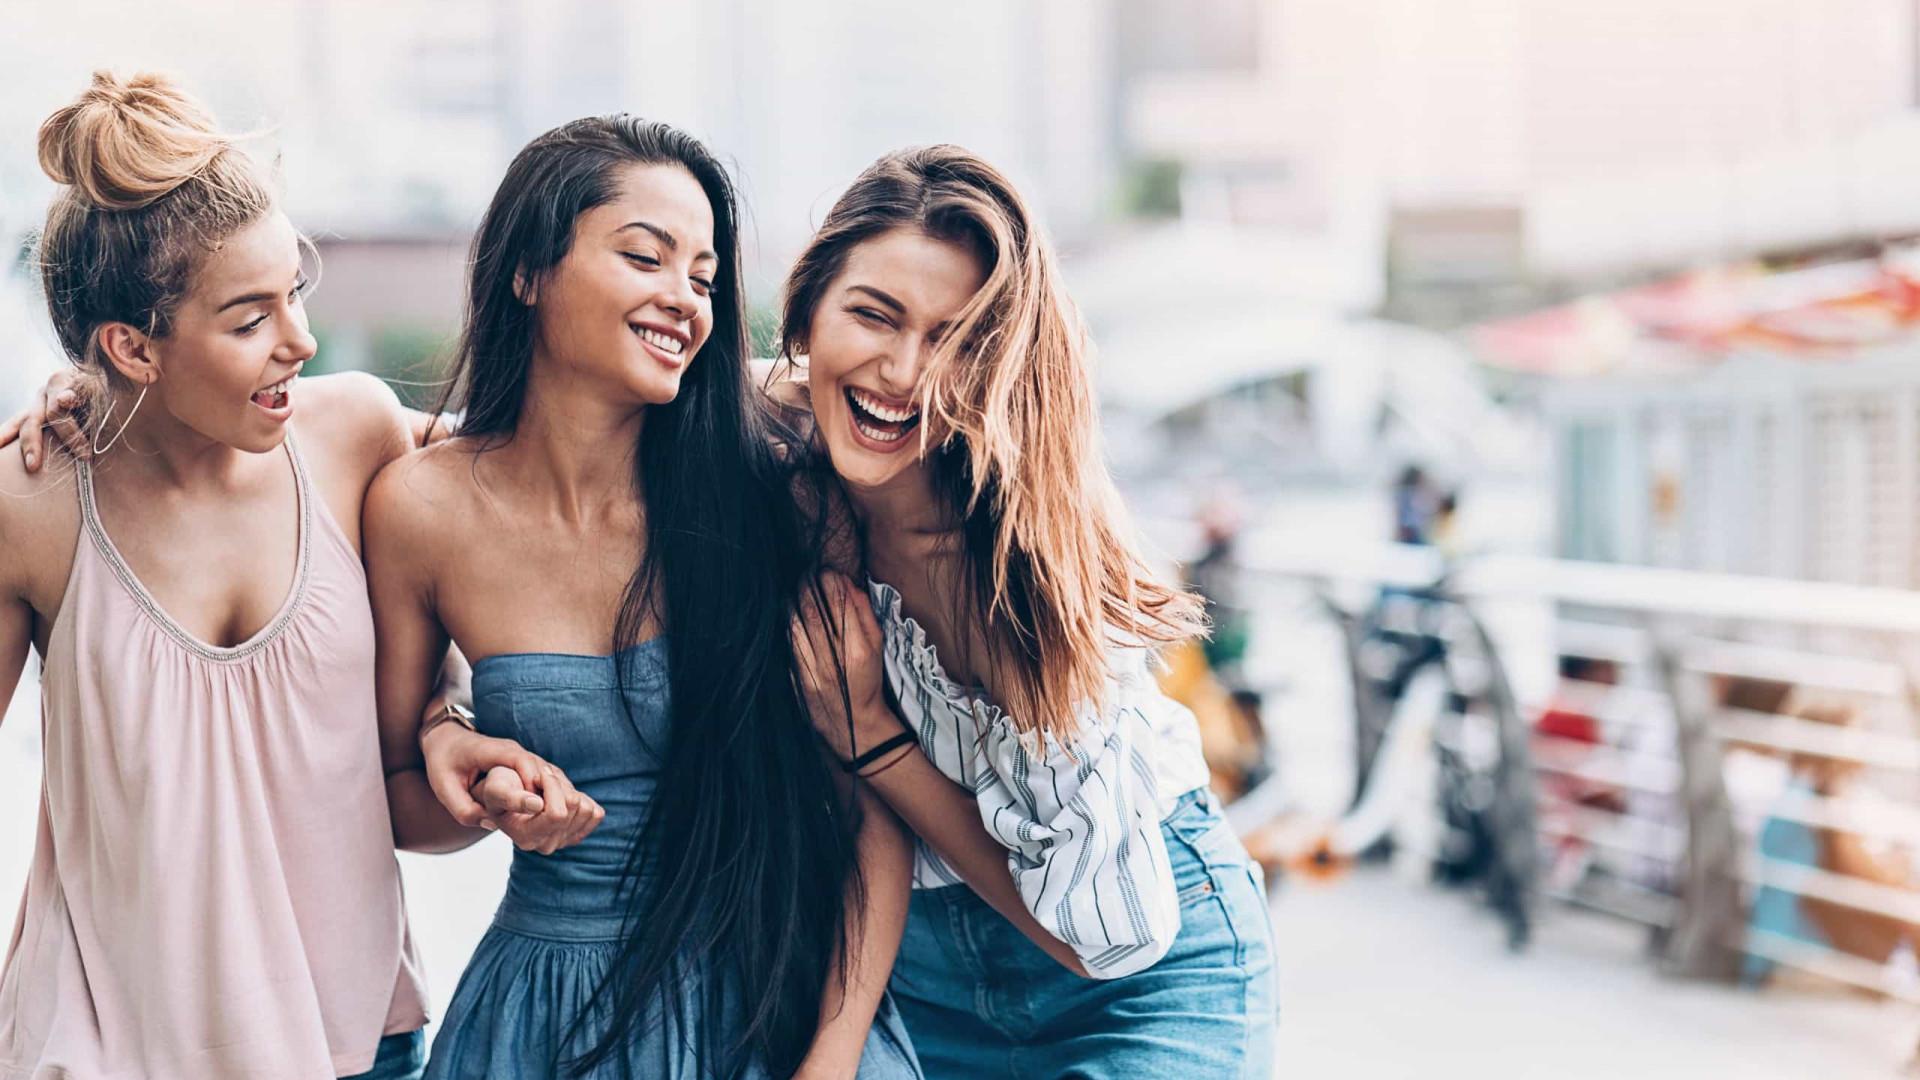 Mulheres preferem melhores amigas aos maridos. Eis os motivos!